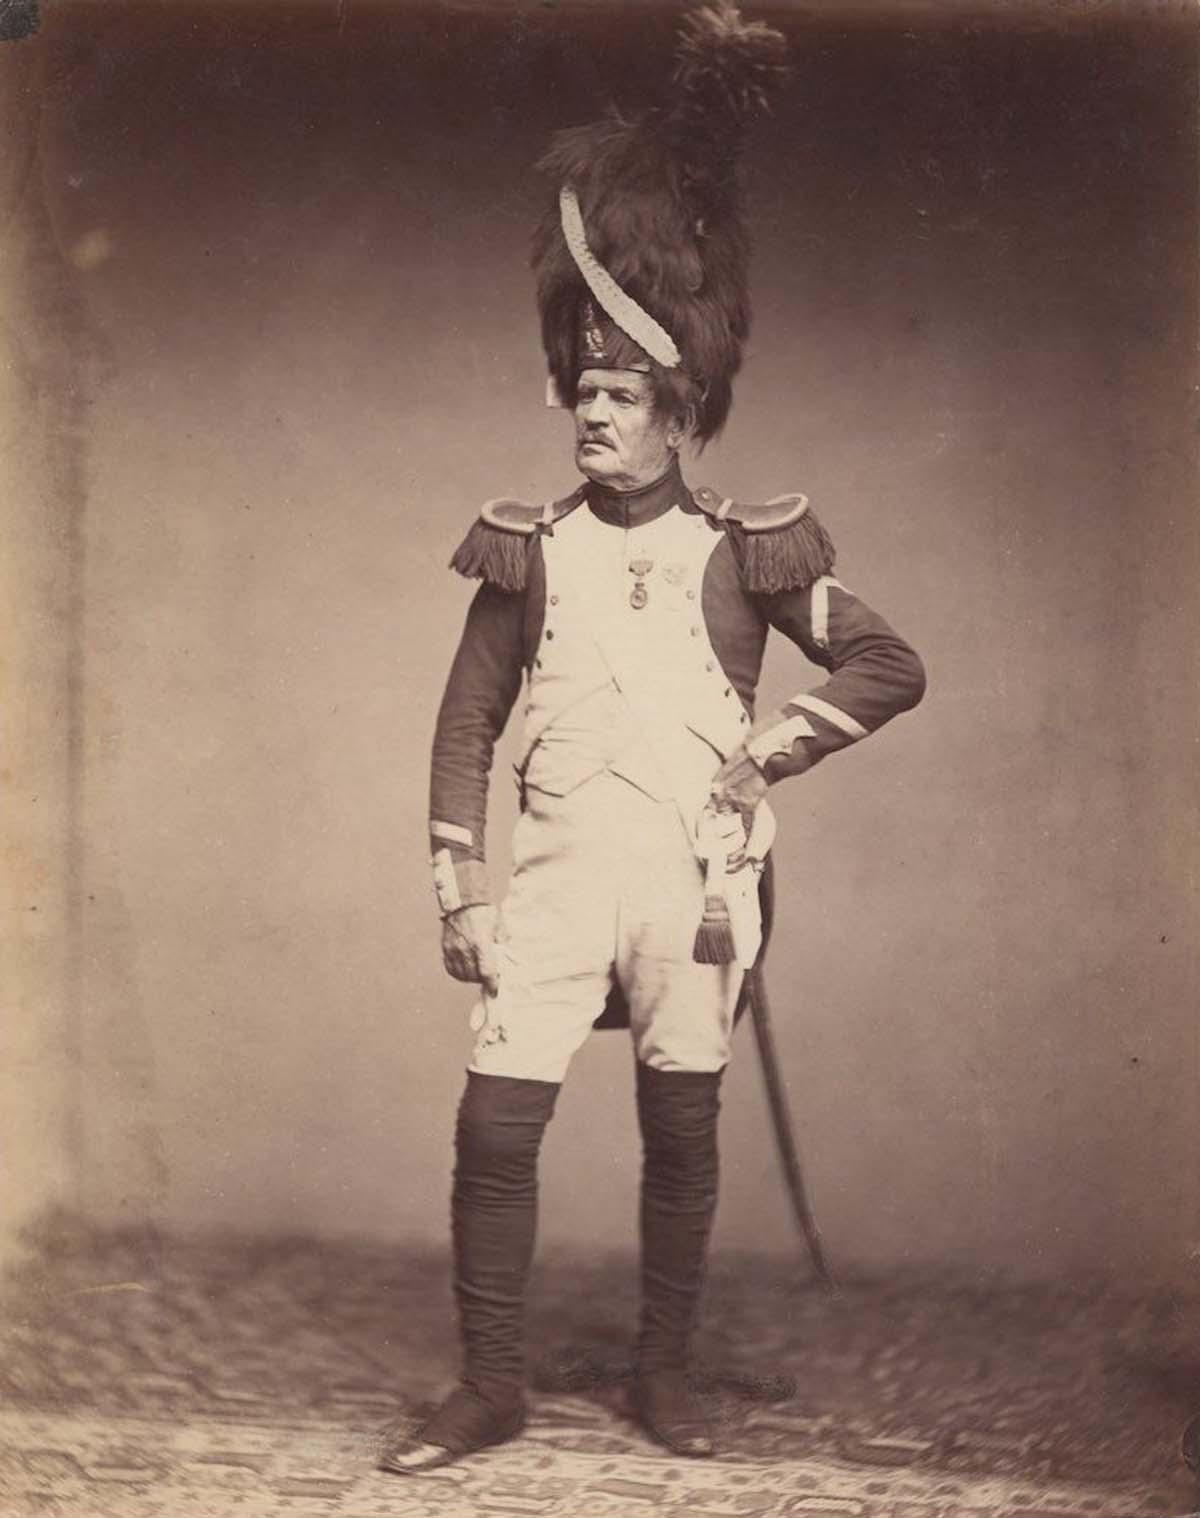 Sargento Taria con el uniforme de la Grenadiere de la Garde de 1809-1815.